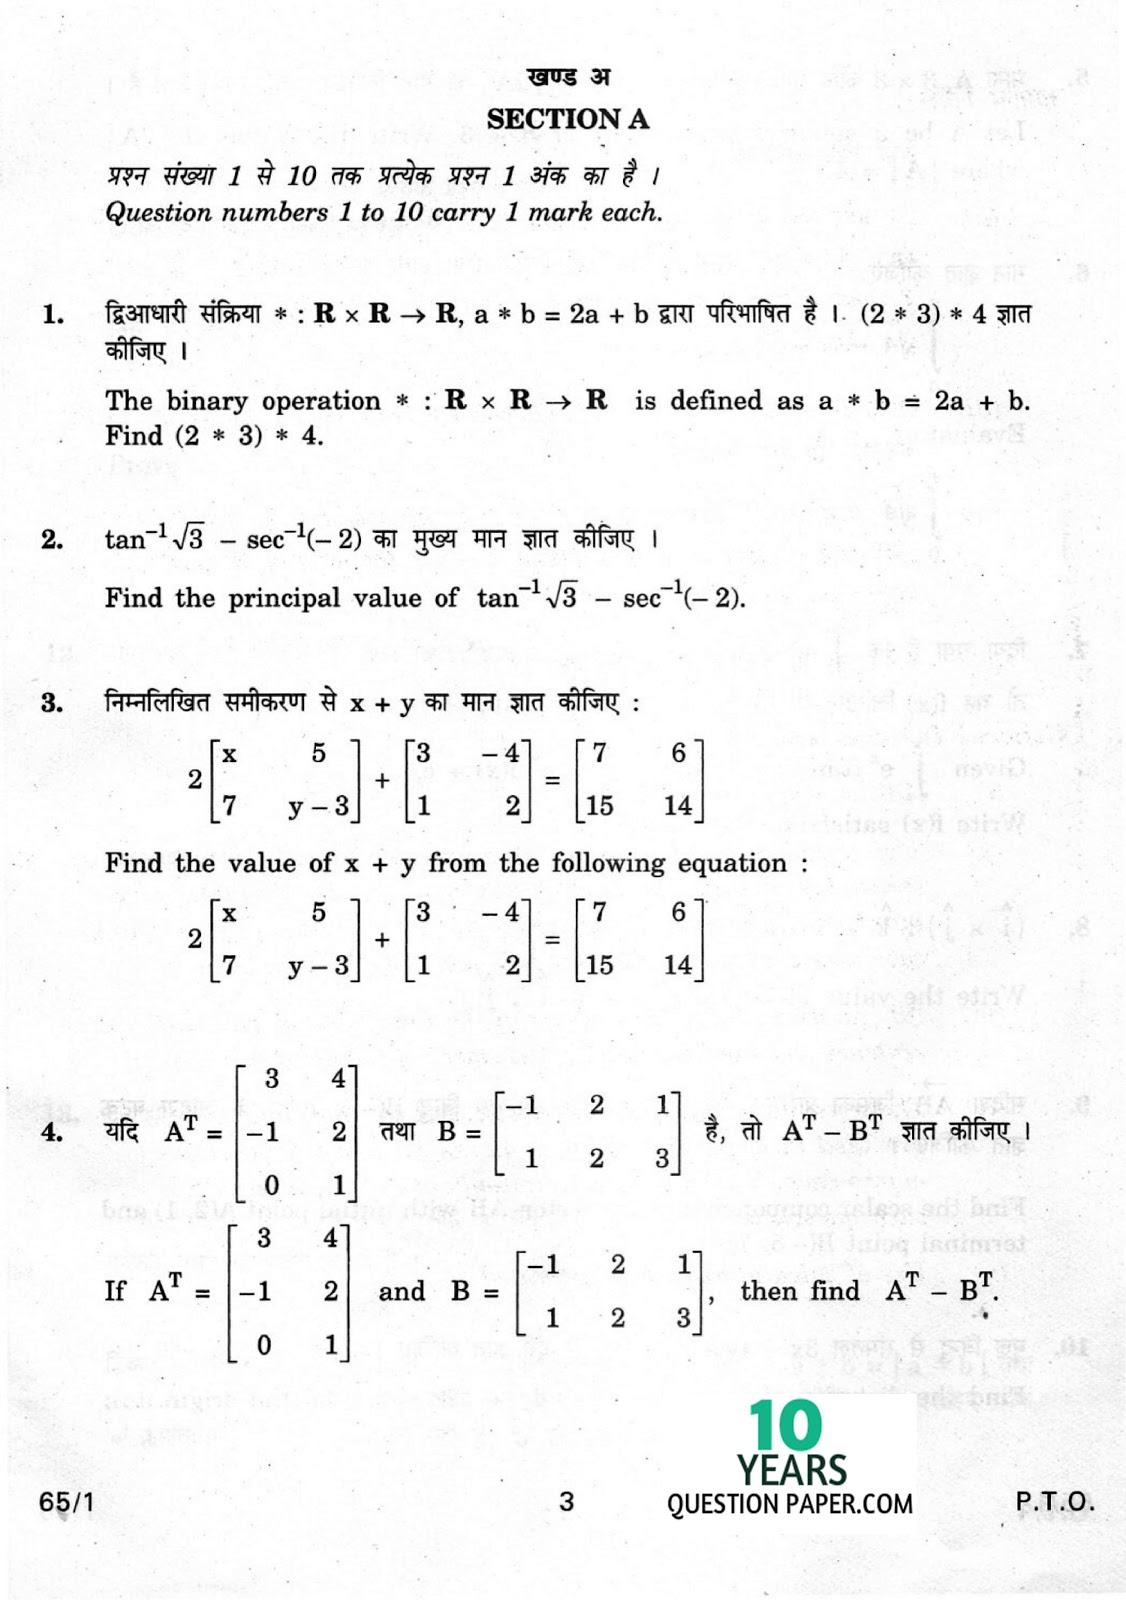 CBSE Class 12 Mathematics 2012 Question Paper